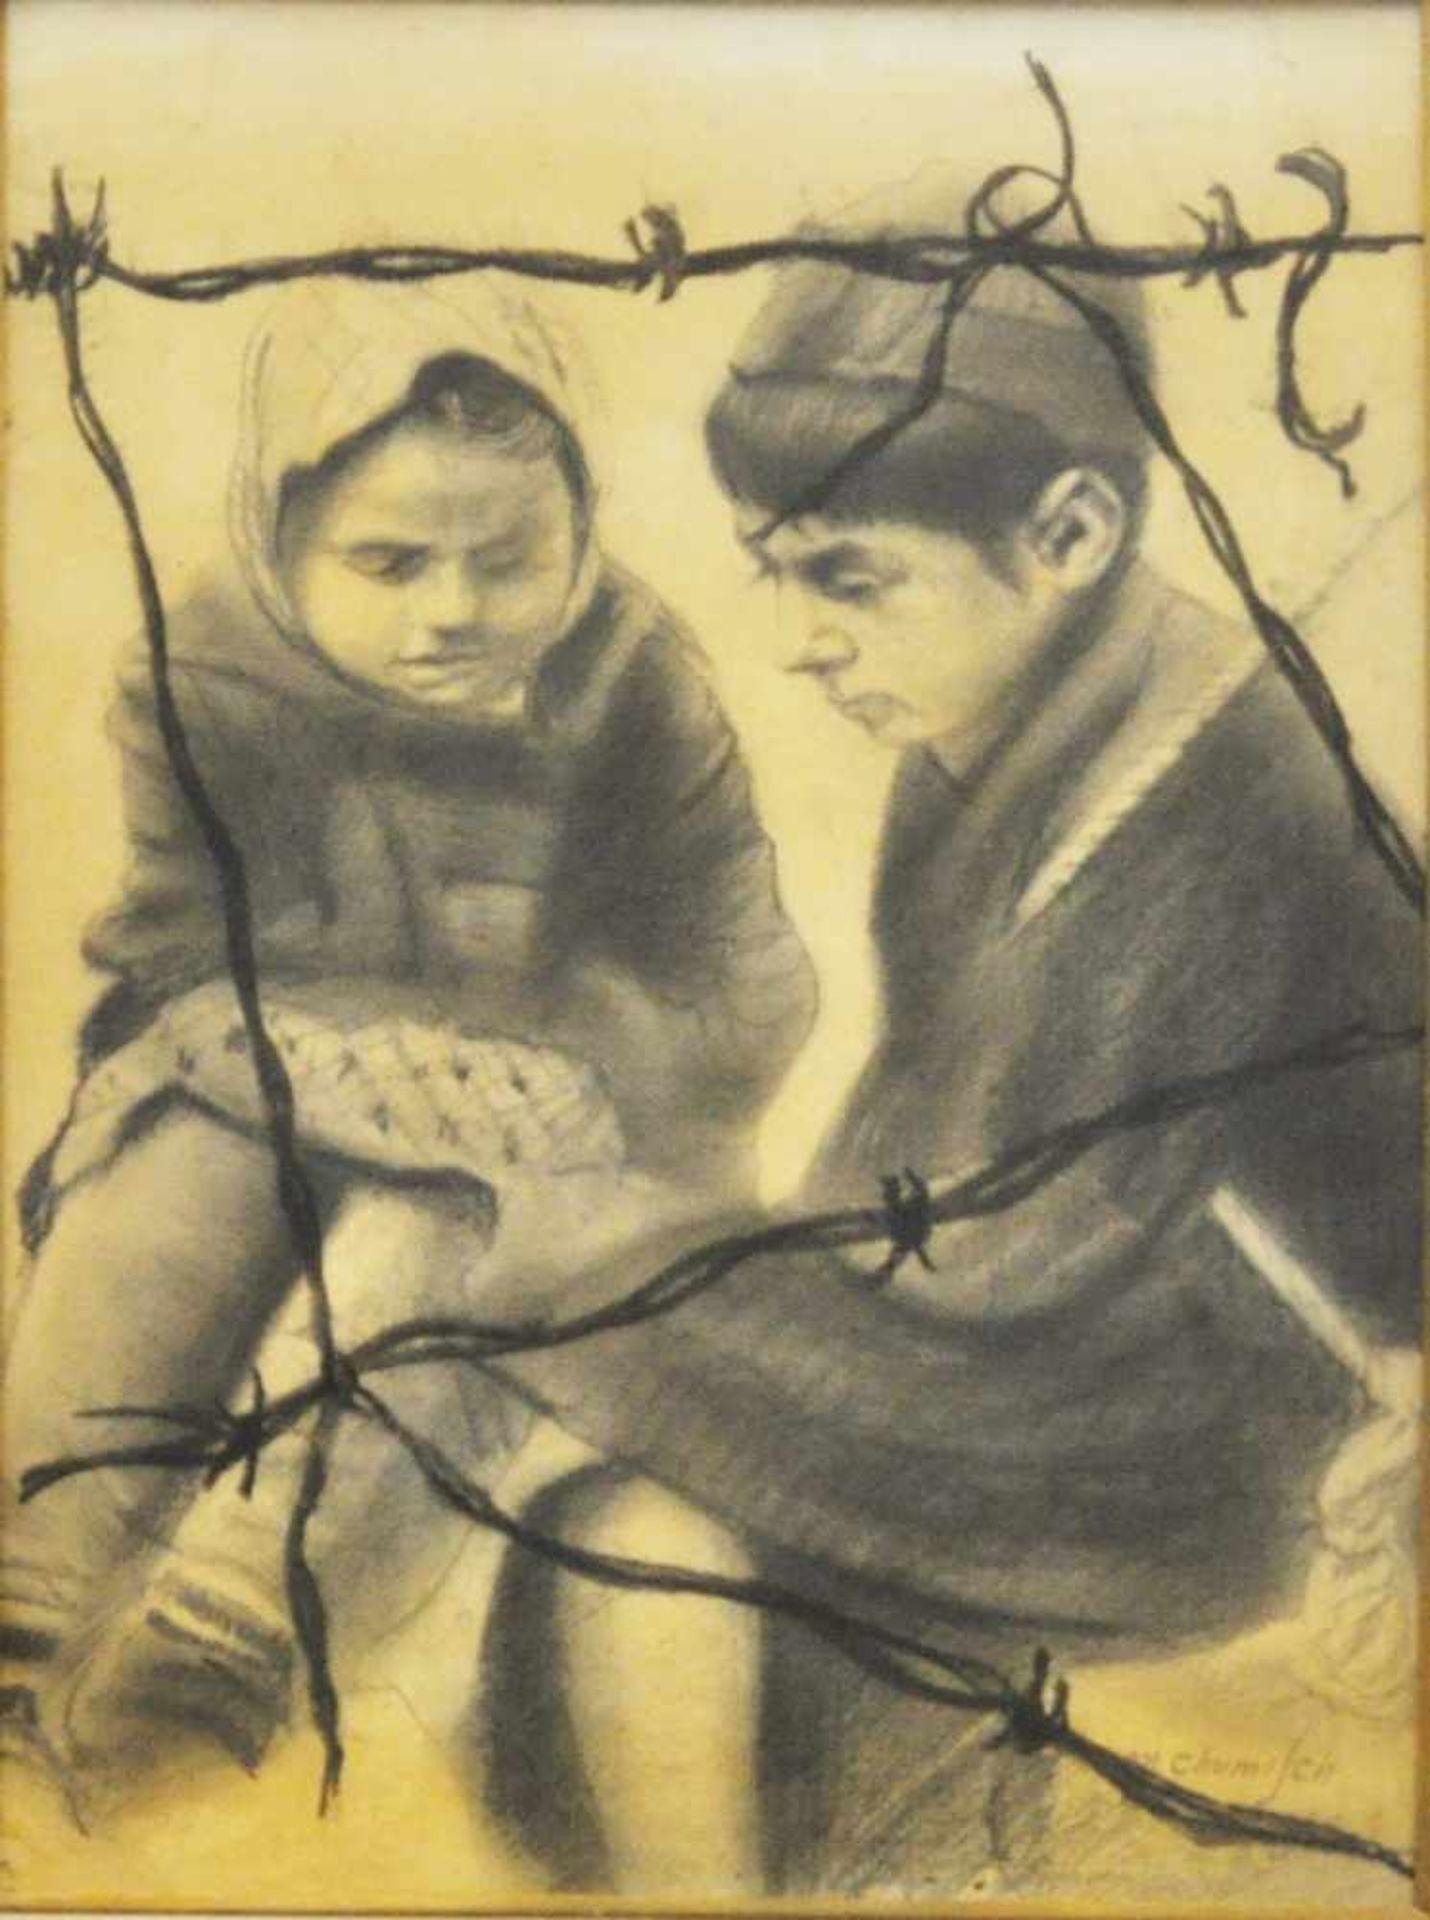 """Chumisch, M., um 1940""""Kinder unter Stacheldraht"""", Kreidezeichnung, 44 x 31 cm, rechts unten"""